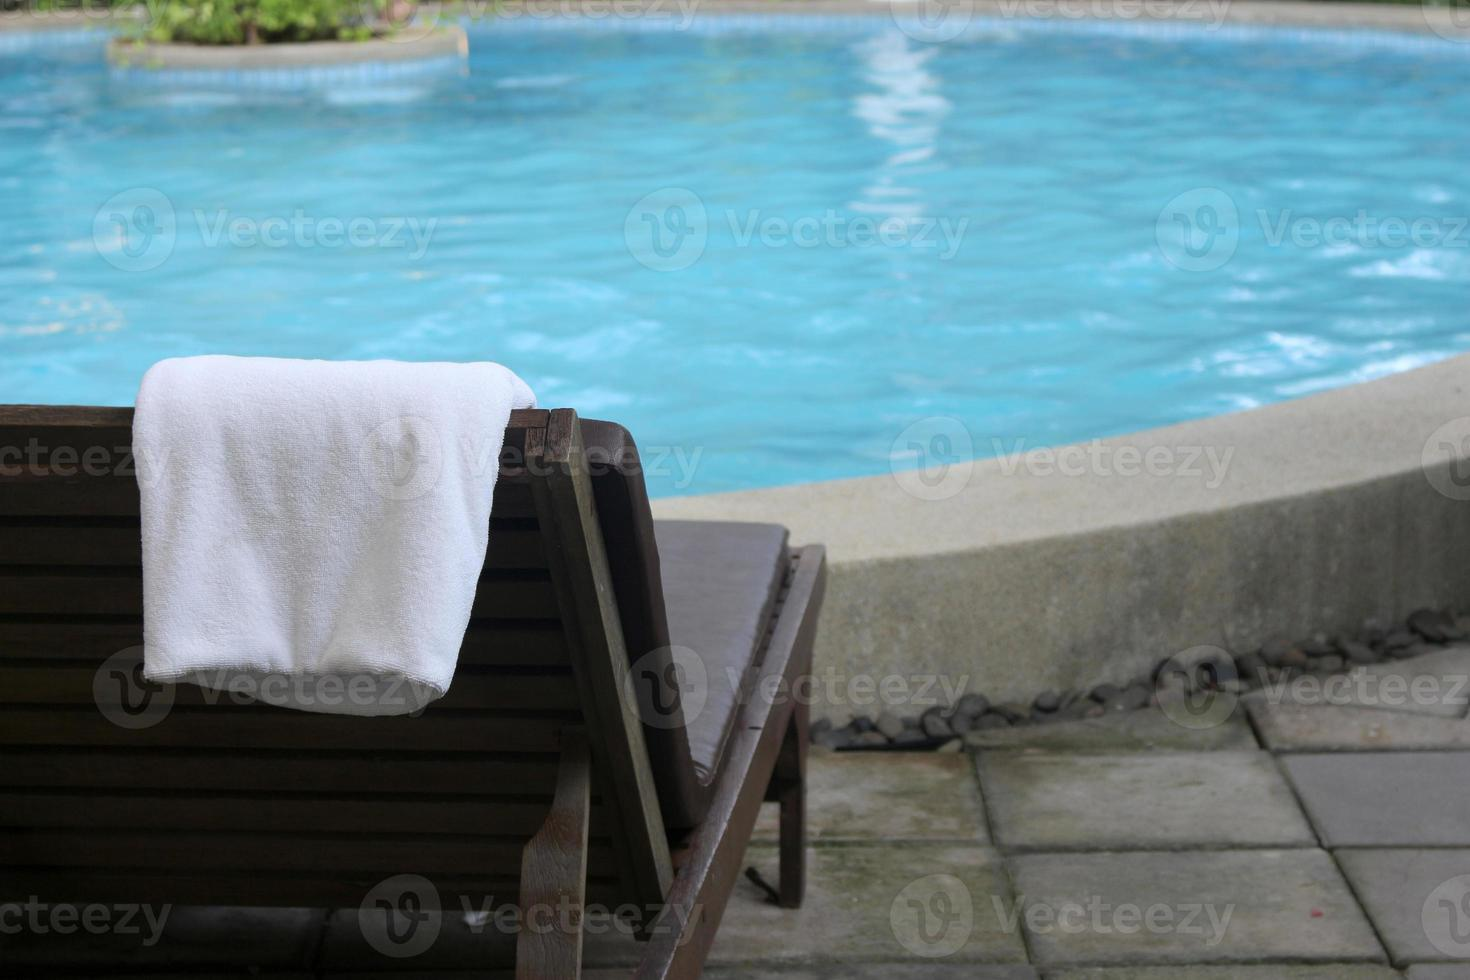 toallas en una silla de playa foto